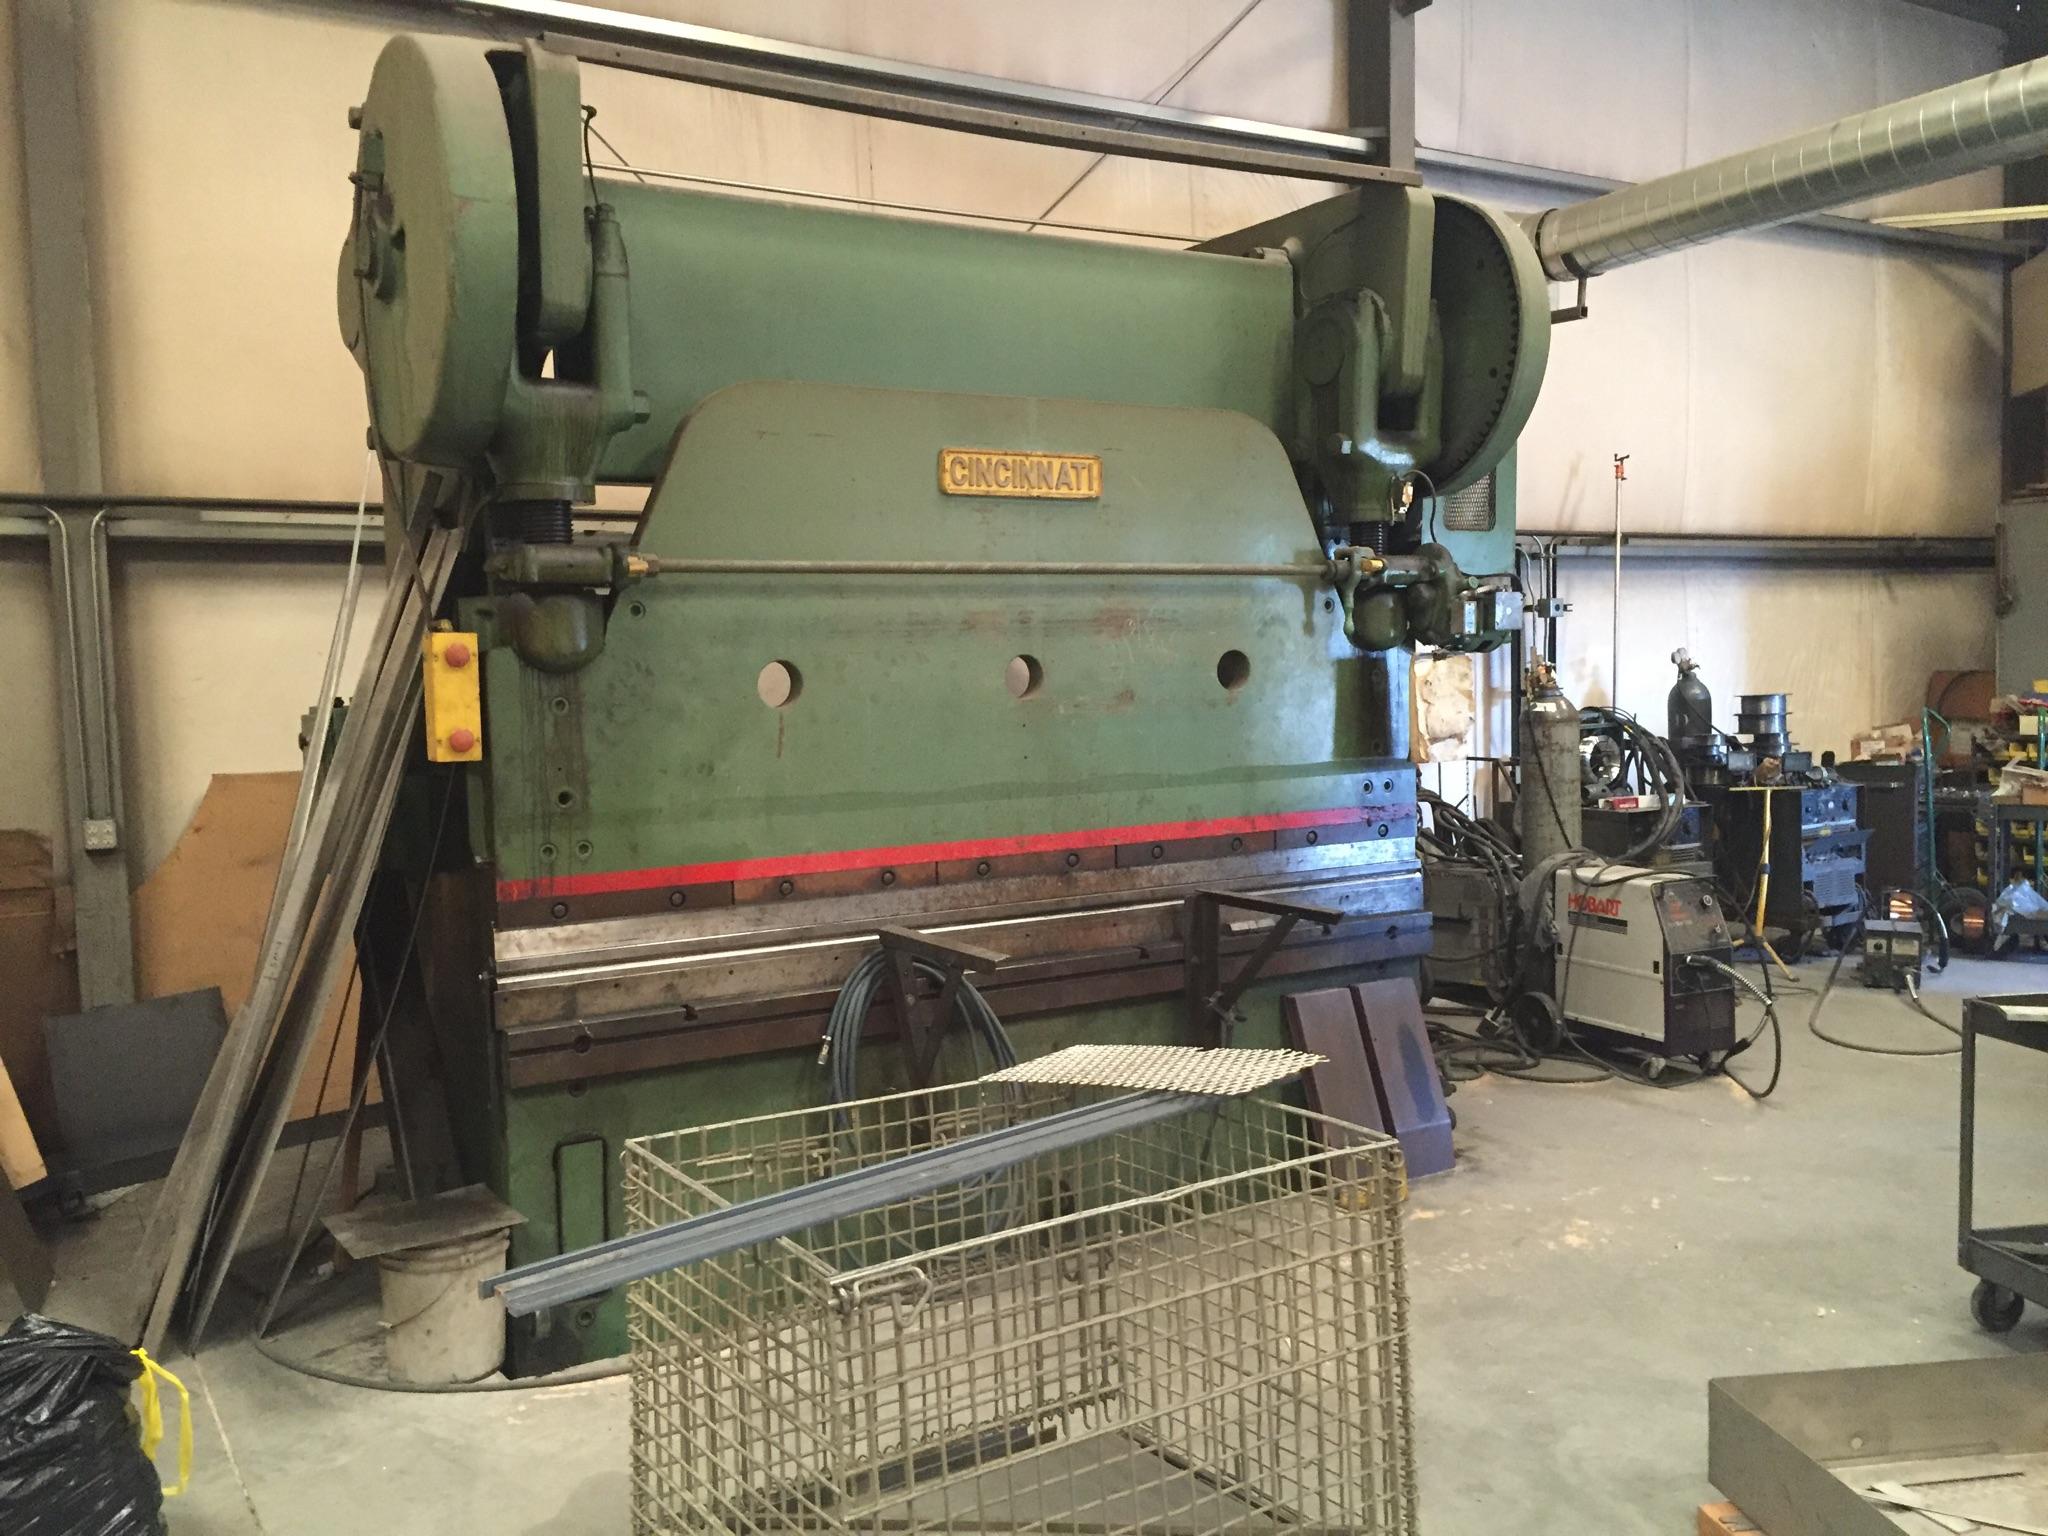 Used Cincinnati Press Brake and More!